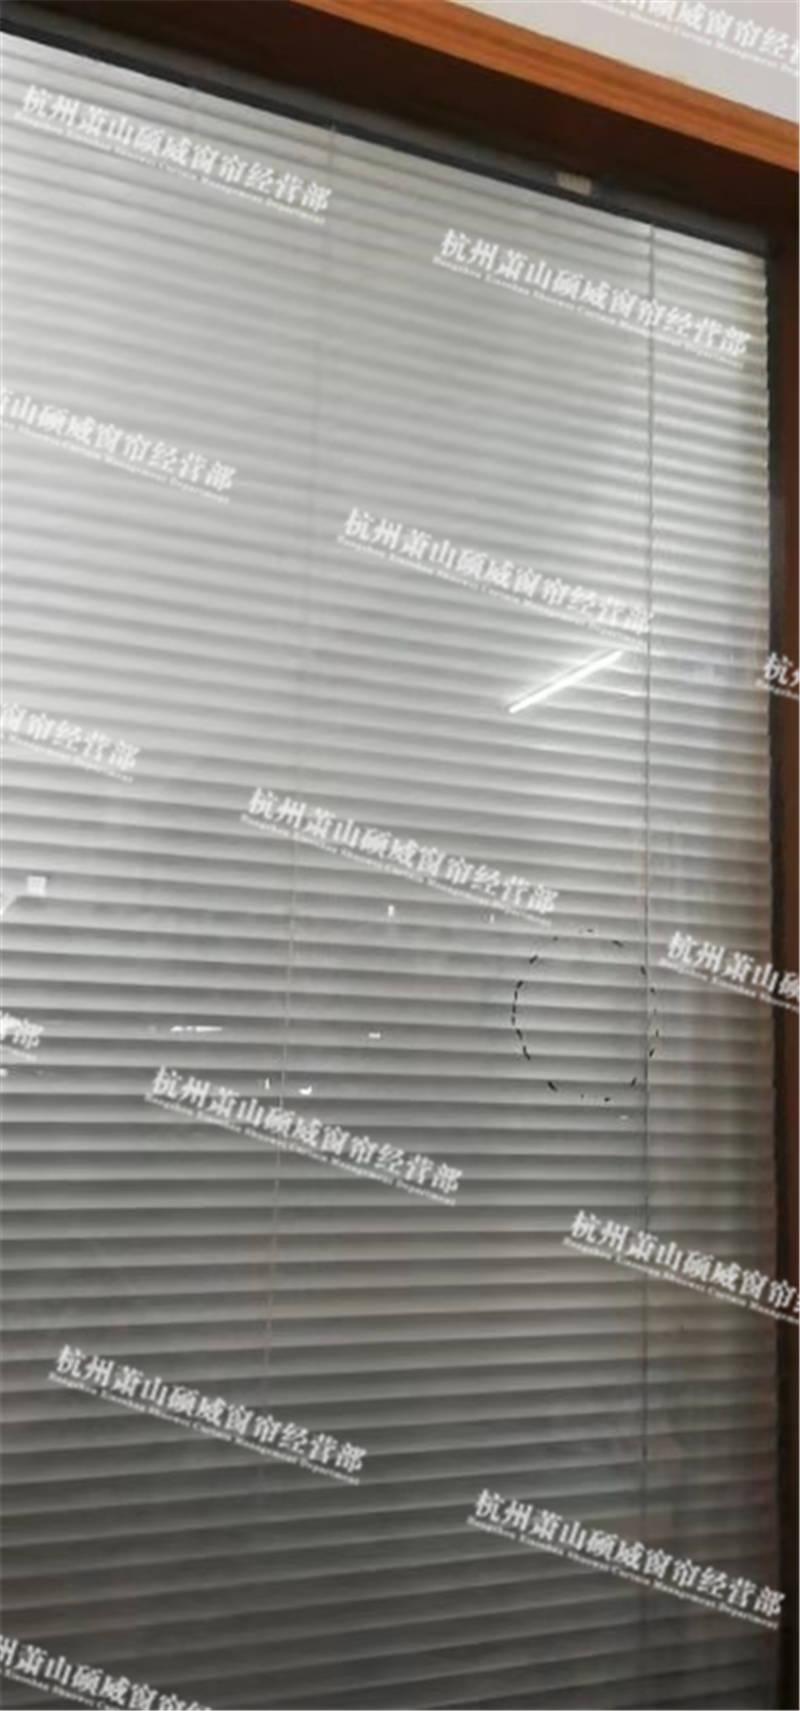 淳安办公遮阳帘遮光 硕威窗帘「杭州萧山硕威窗帘供应」